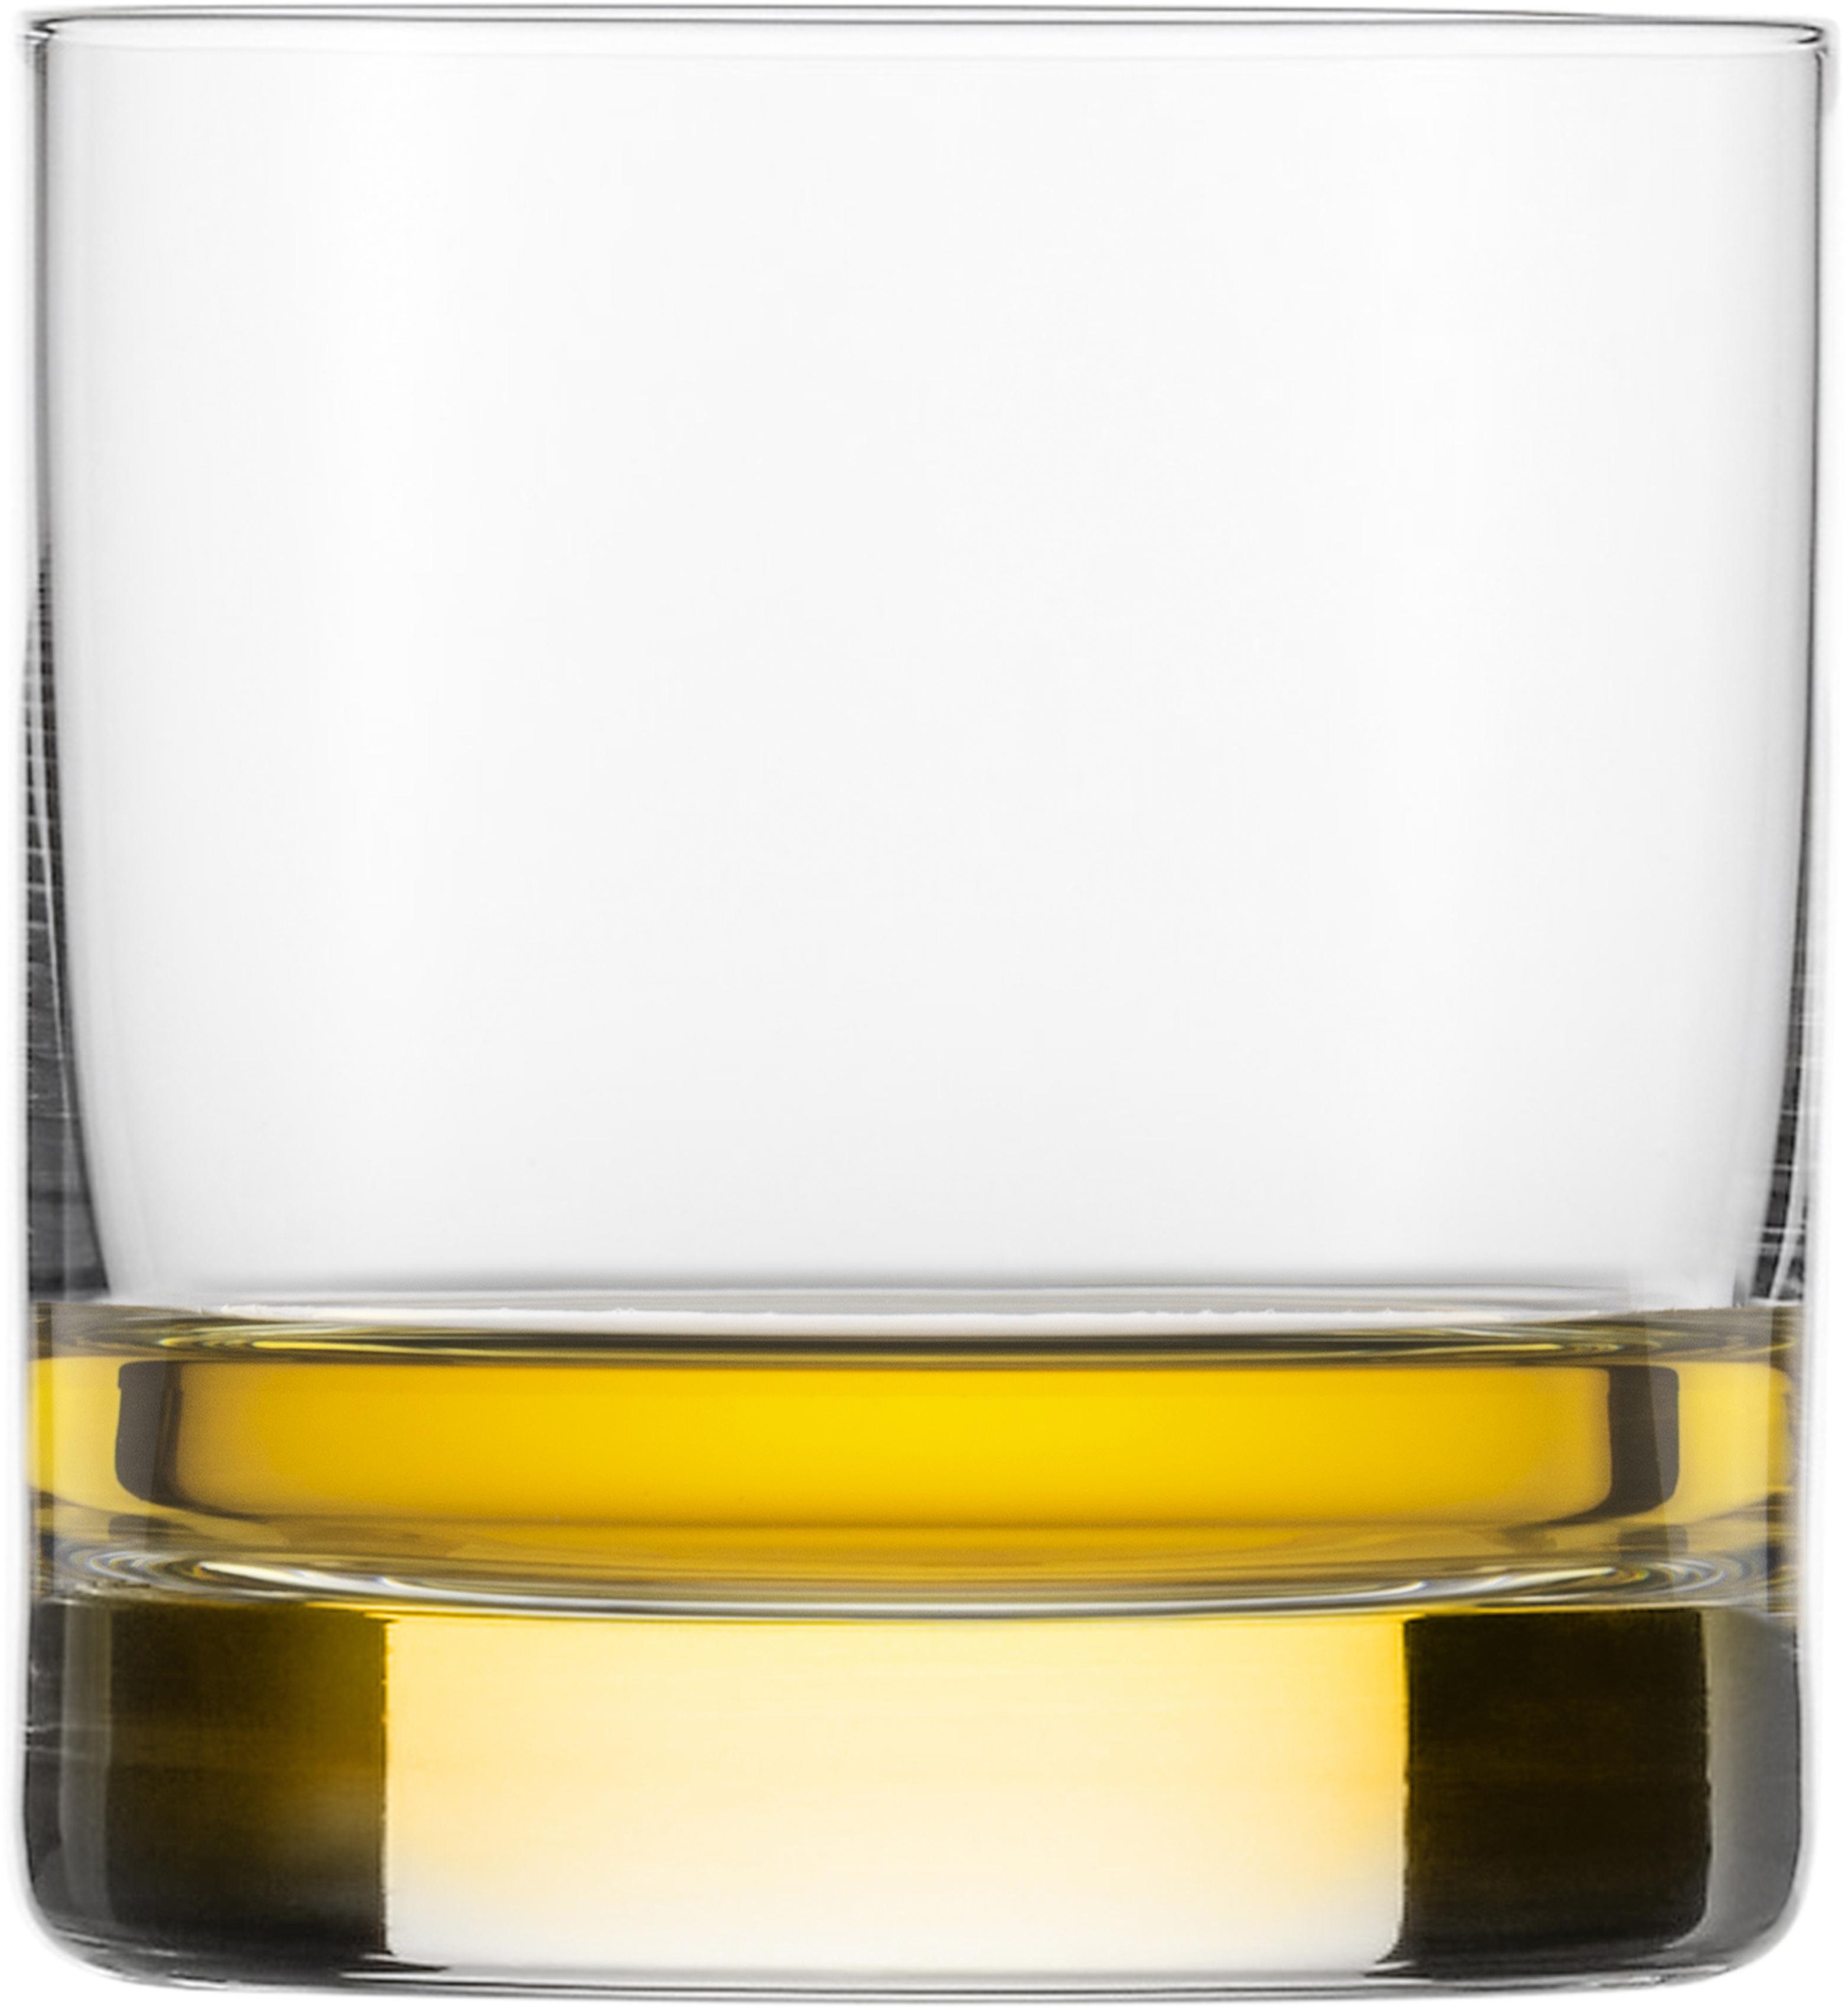 Eisch Whiskyglas Superior SensisPlus, (Set, 4 tlg.), bleifreies Kristallglas, 400 ml farblos Kristallgläser Gläser Glaswaren Haushaltswaren